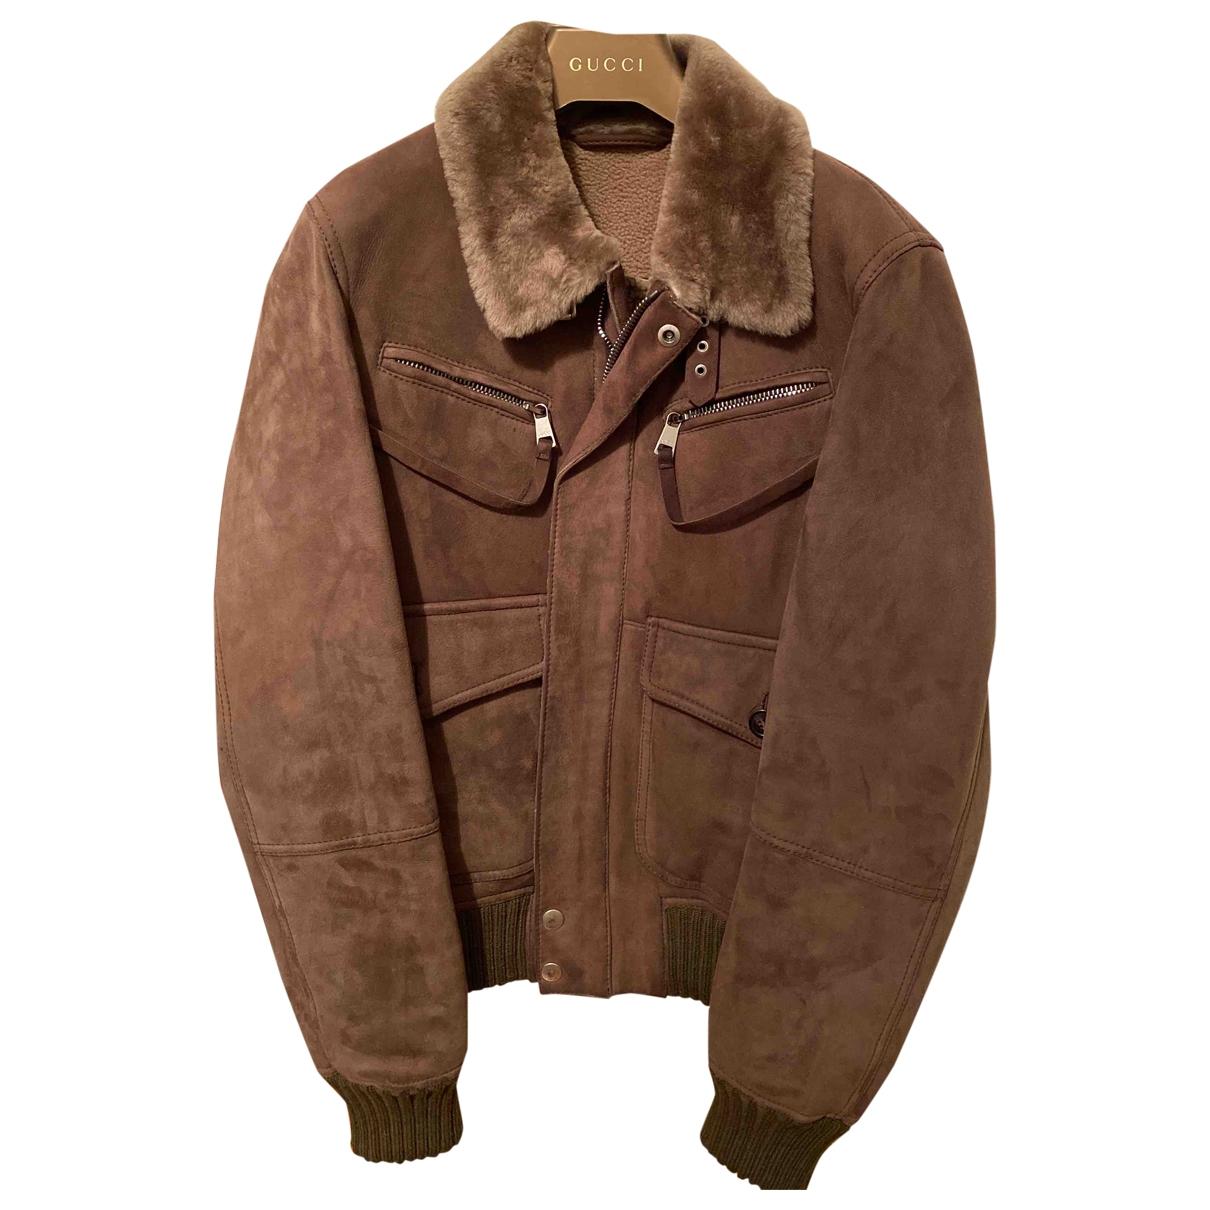 Gucci - Vestes.Blousons   pour homme en mouton - beige